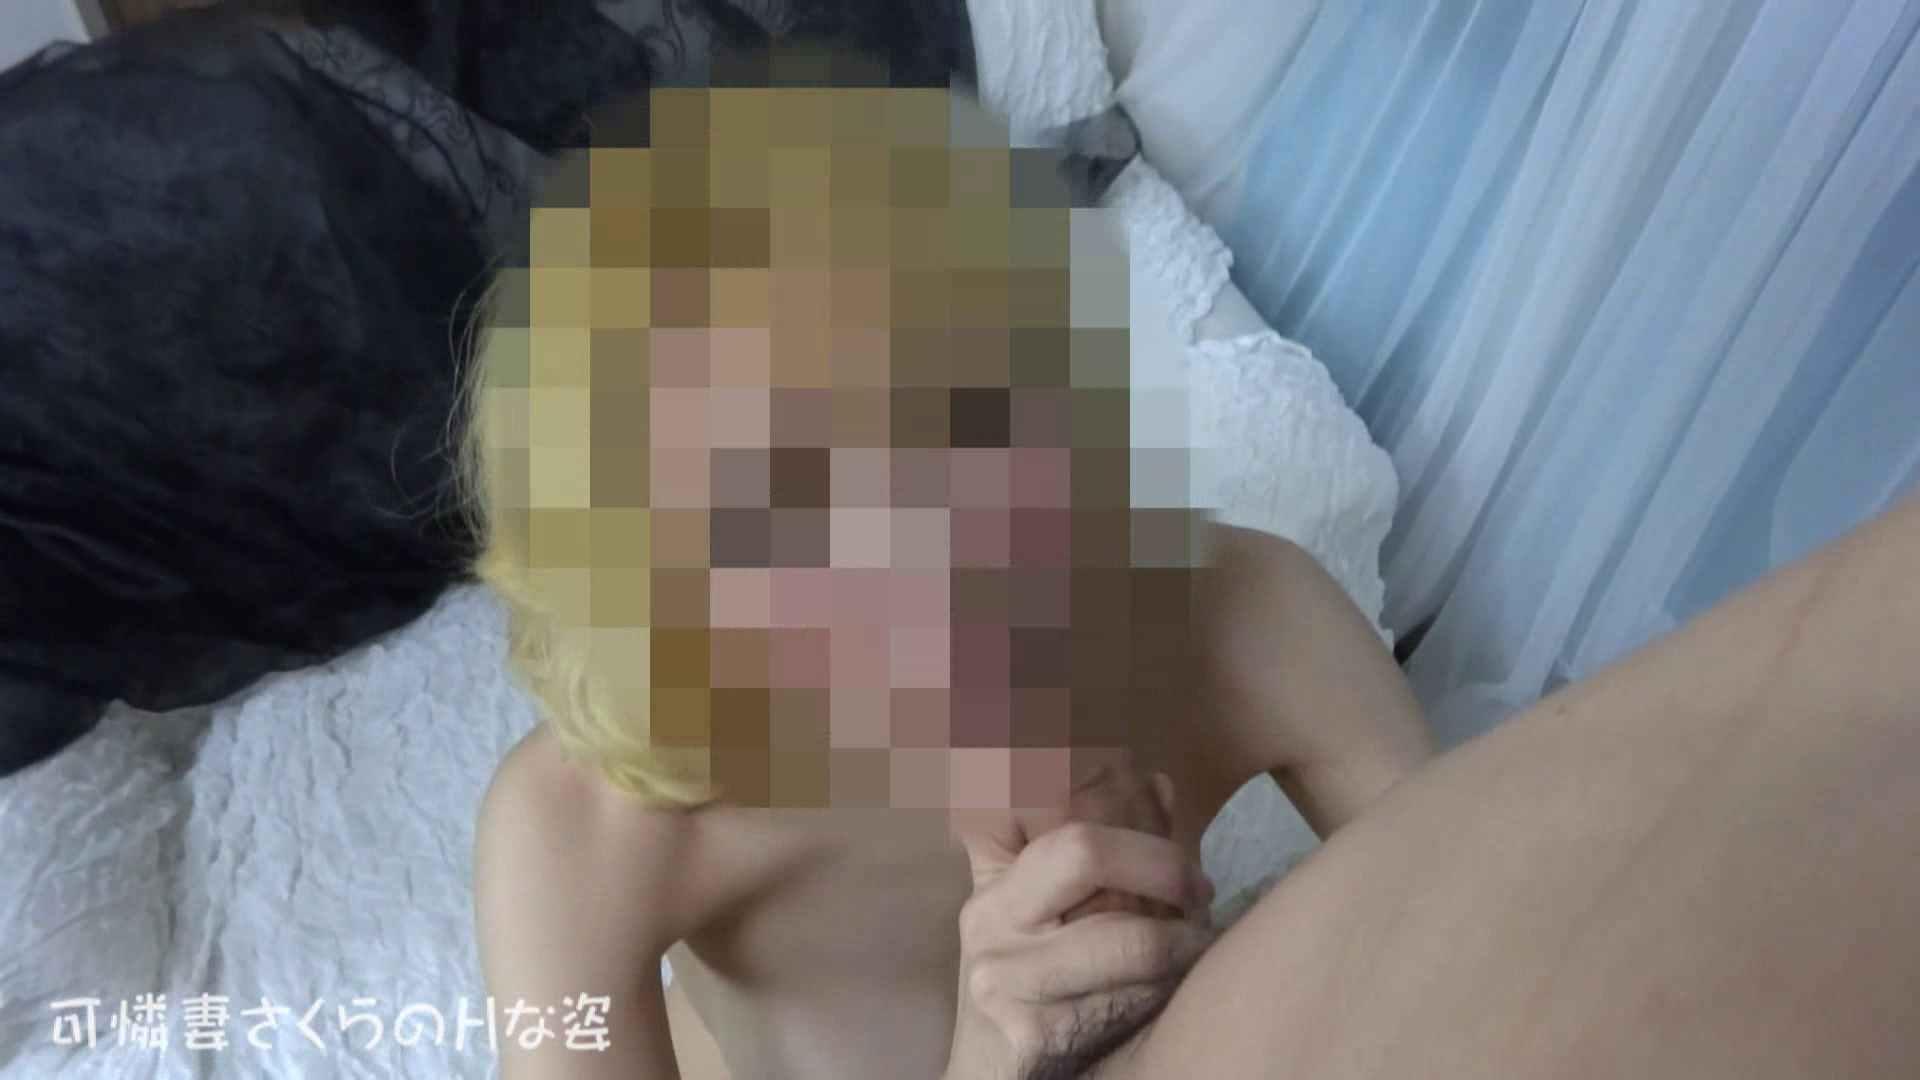 可憐妻さくらのHな姿vol.29 美しいOLの裸体 セックス無修正動画無料 106pic 23